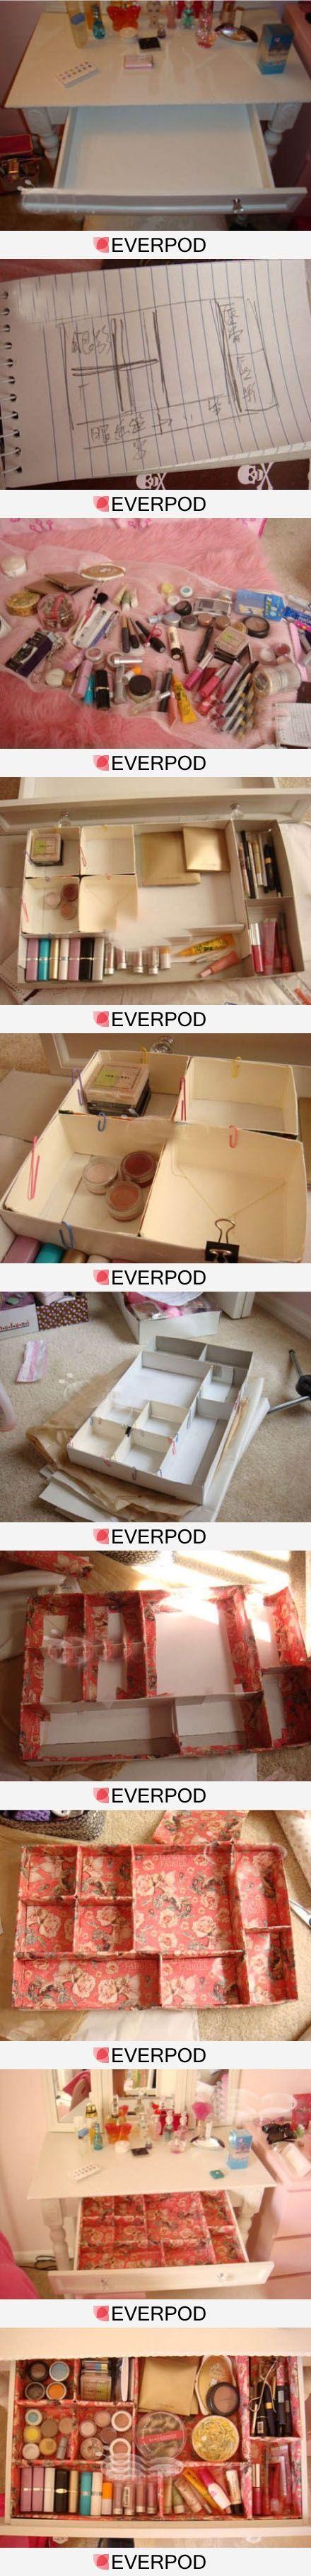 DIY drawer organizer. Oh. My. God.